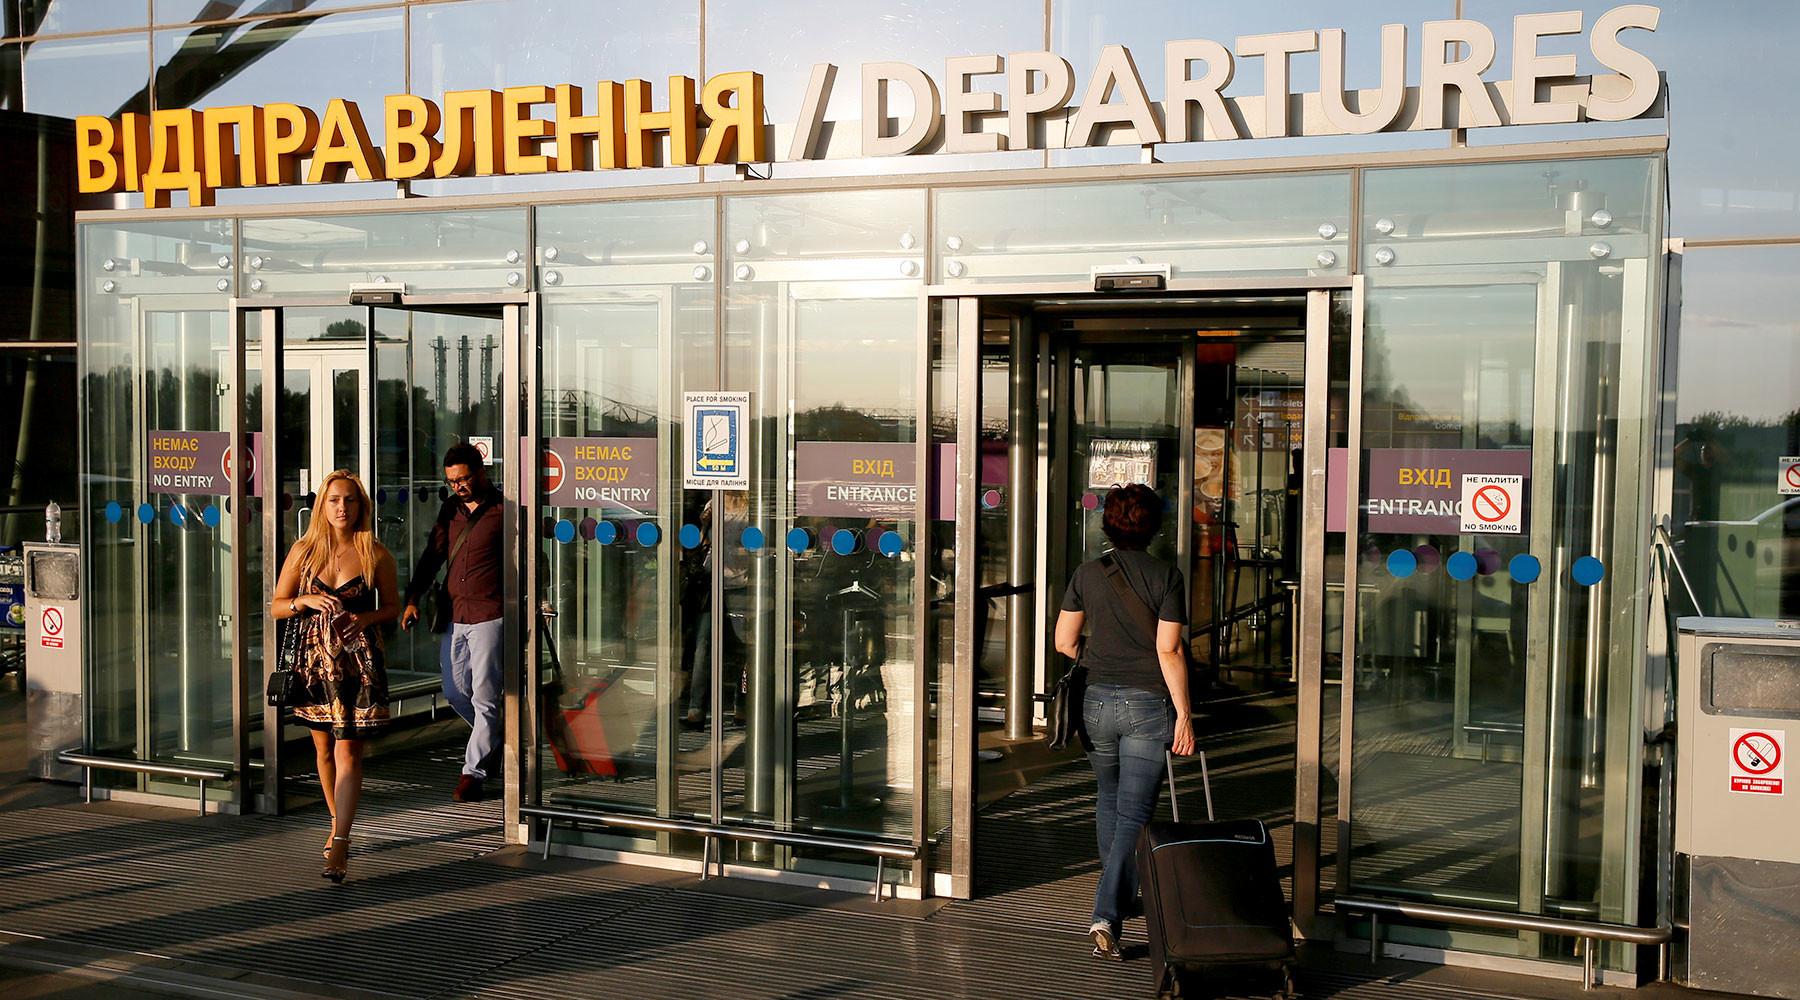 из-за отсутствия средств 80% украинцев отказываются от отдыха в Европе»